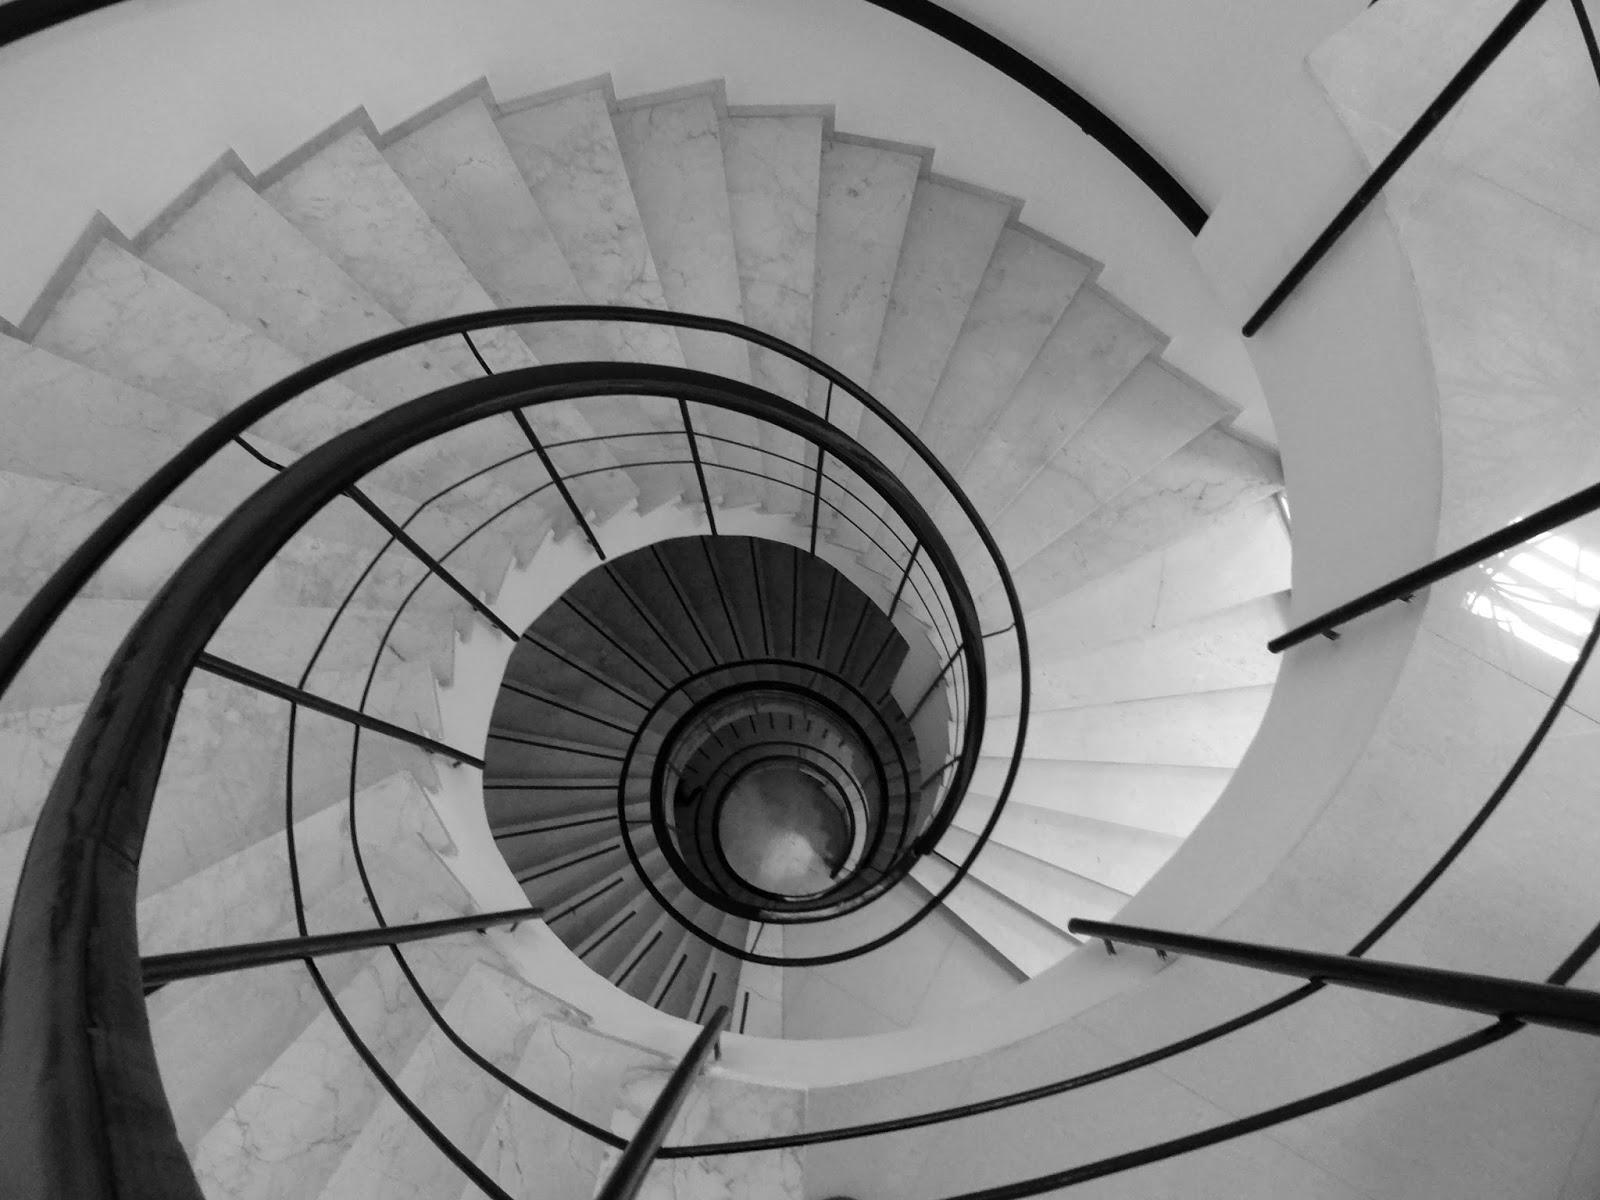 escalera espiral fuera de concurso chicho